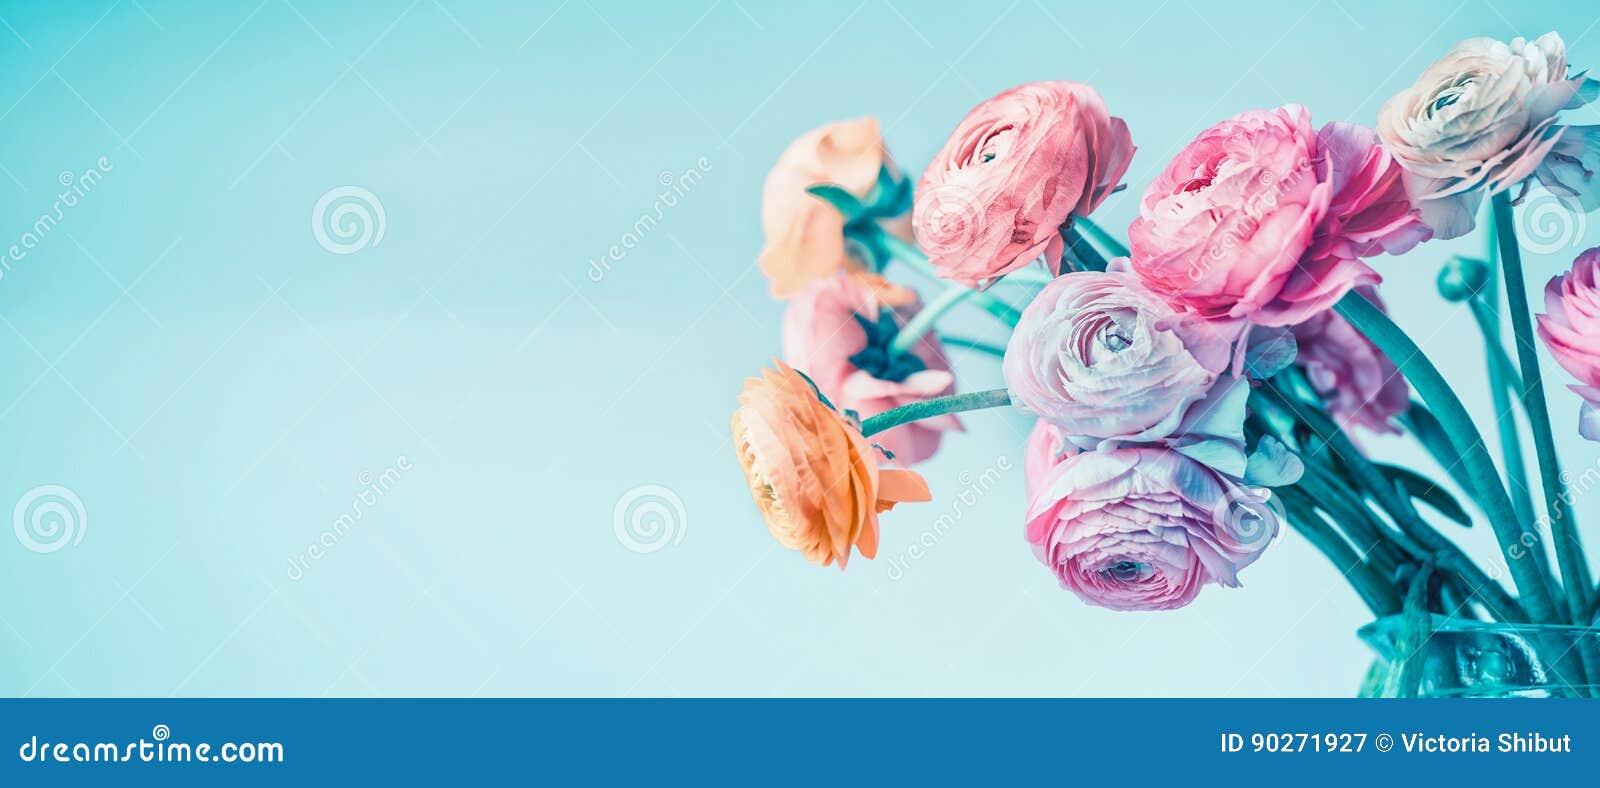 Bandeira floral de turquesa com as flores bonitas que florescem na luz - fundo azul, floral